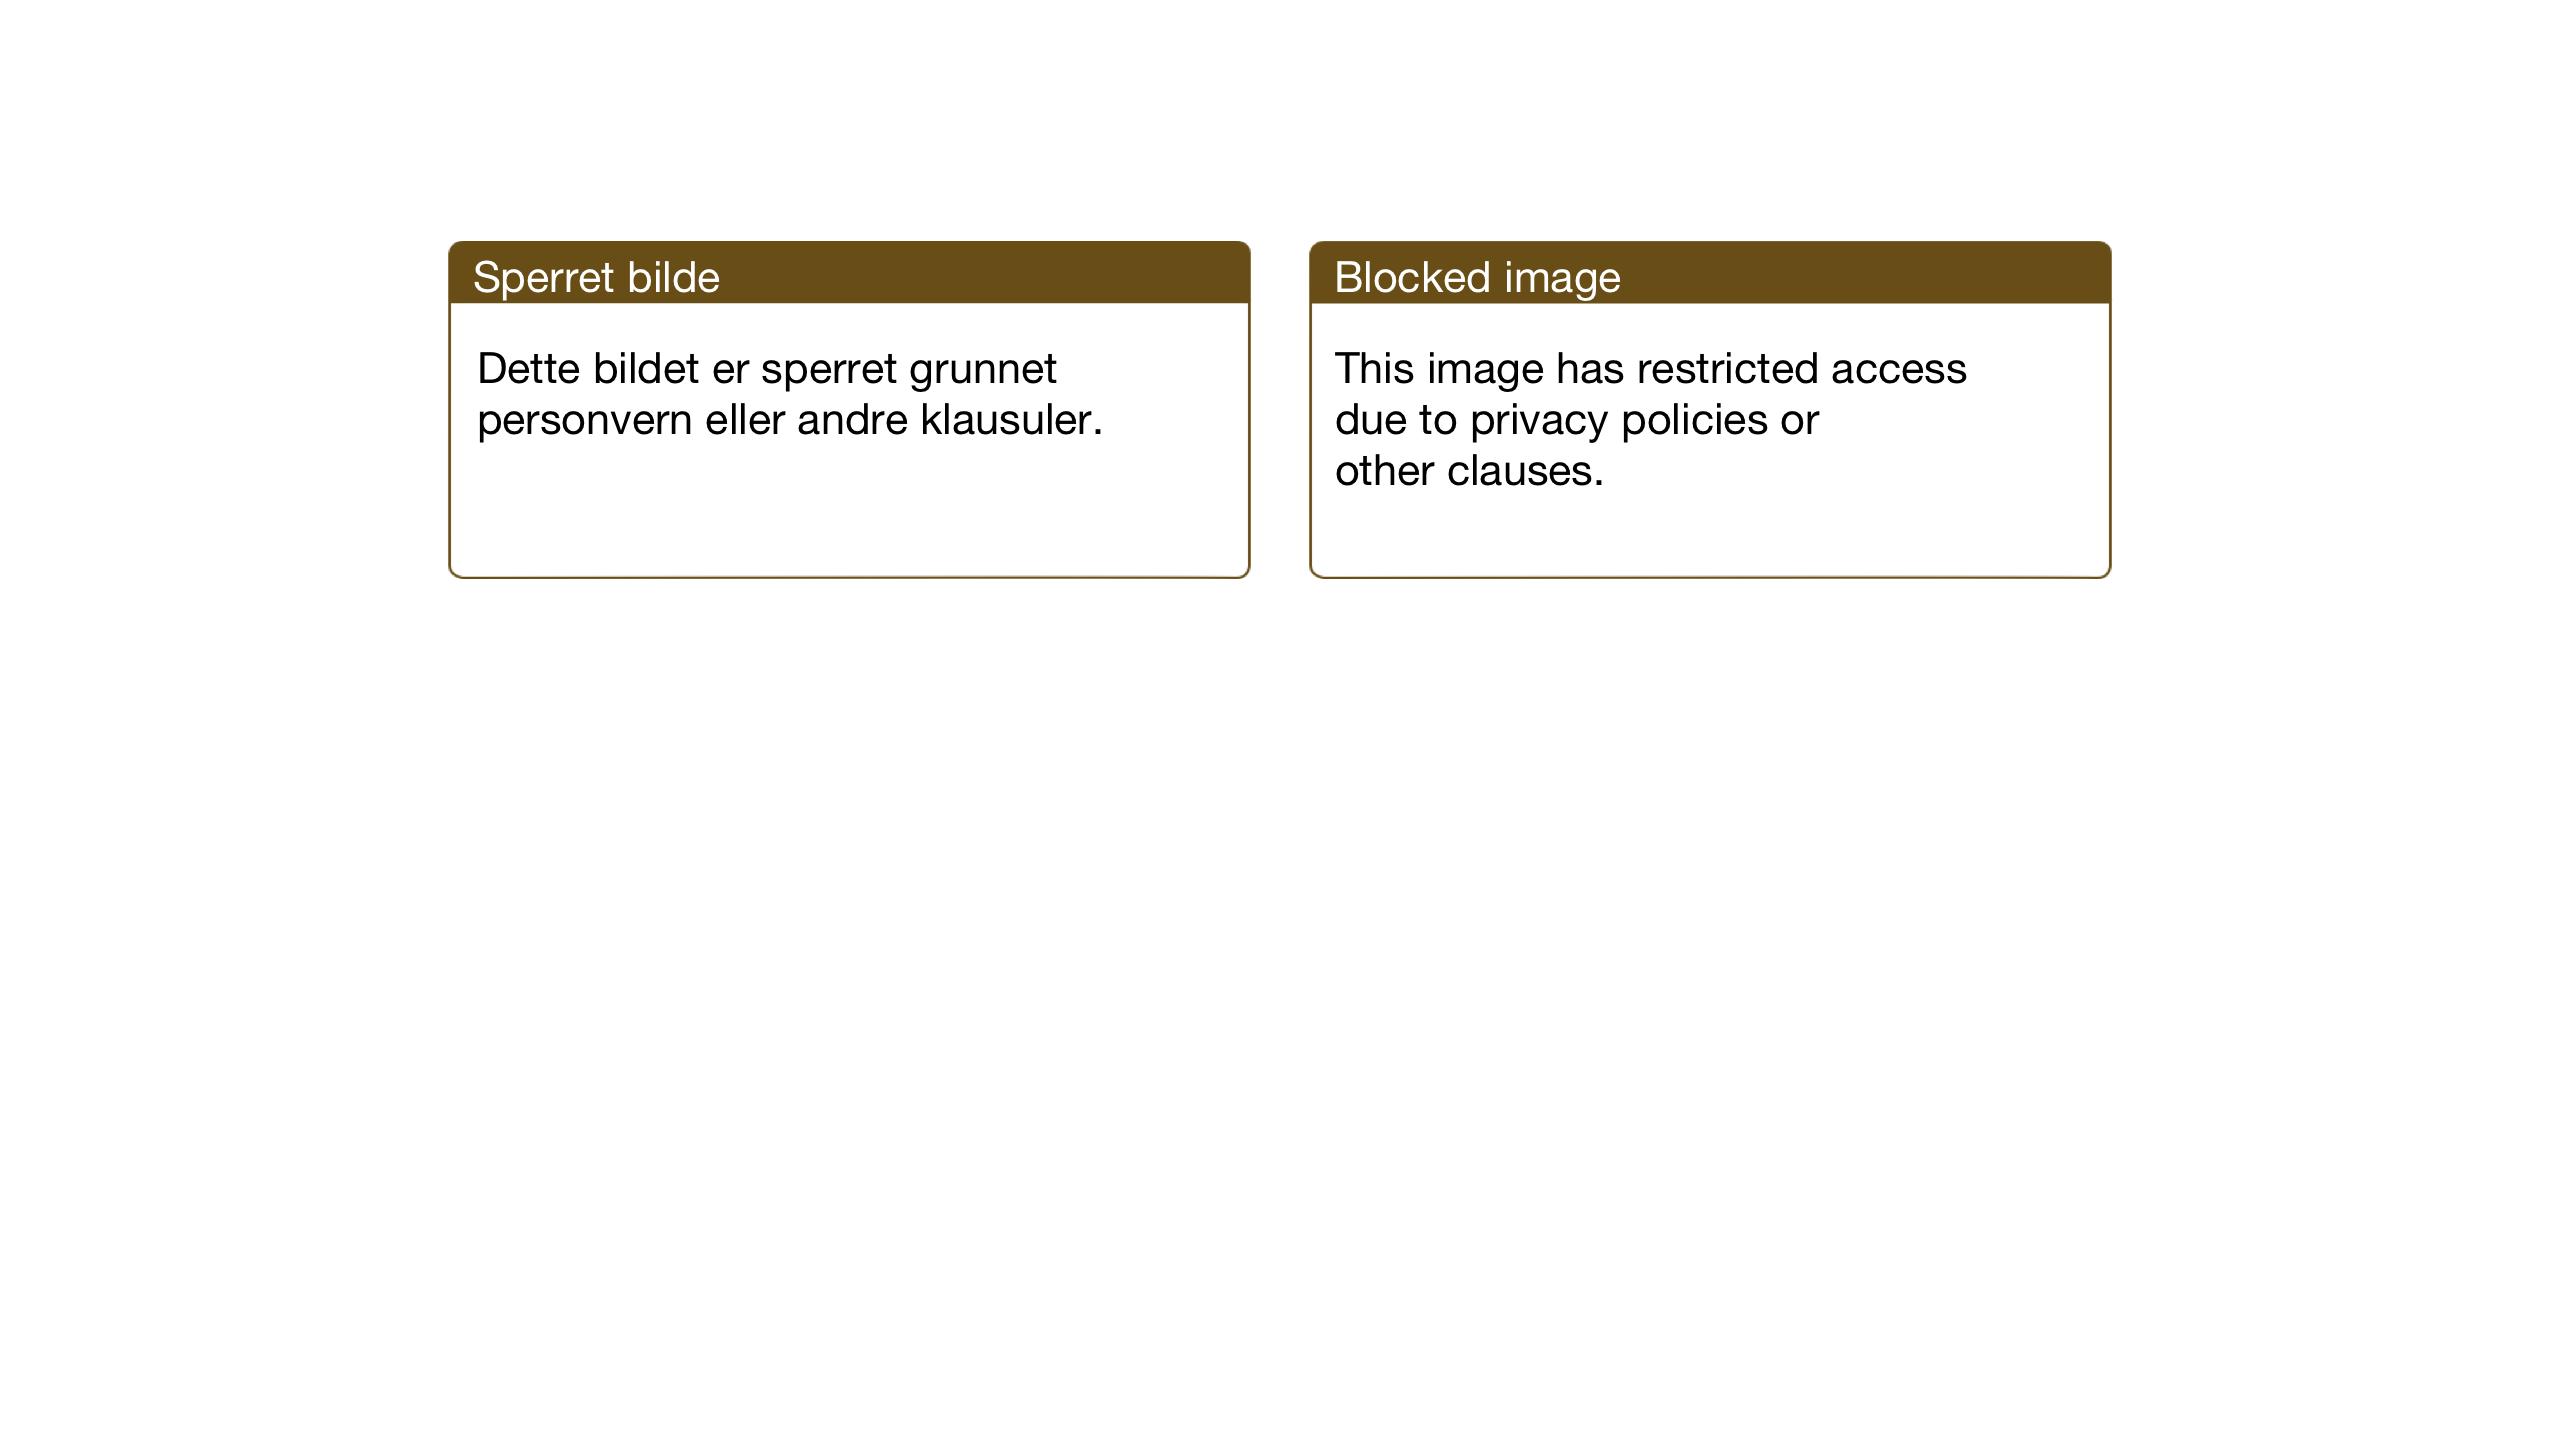 SAT, Ministerialprotokoller, klokkerbøker og fødselsregistre - Sør-Trøndelag, 681/L0943: Klokkerbok nr. 681C07, 1926-1954, s. 168